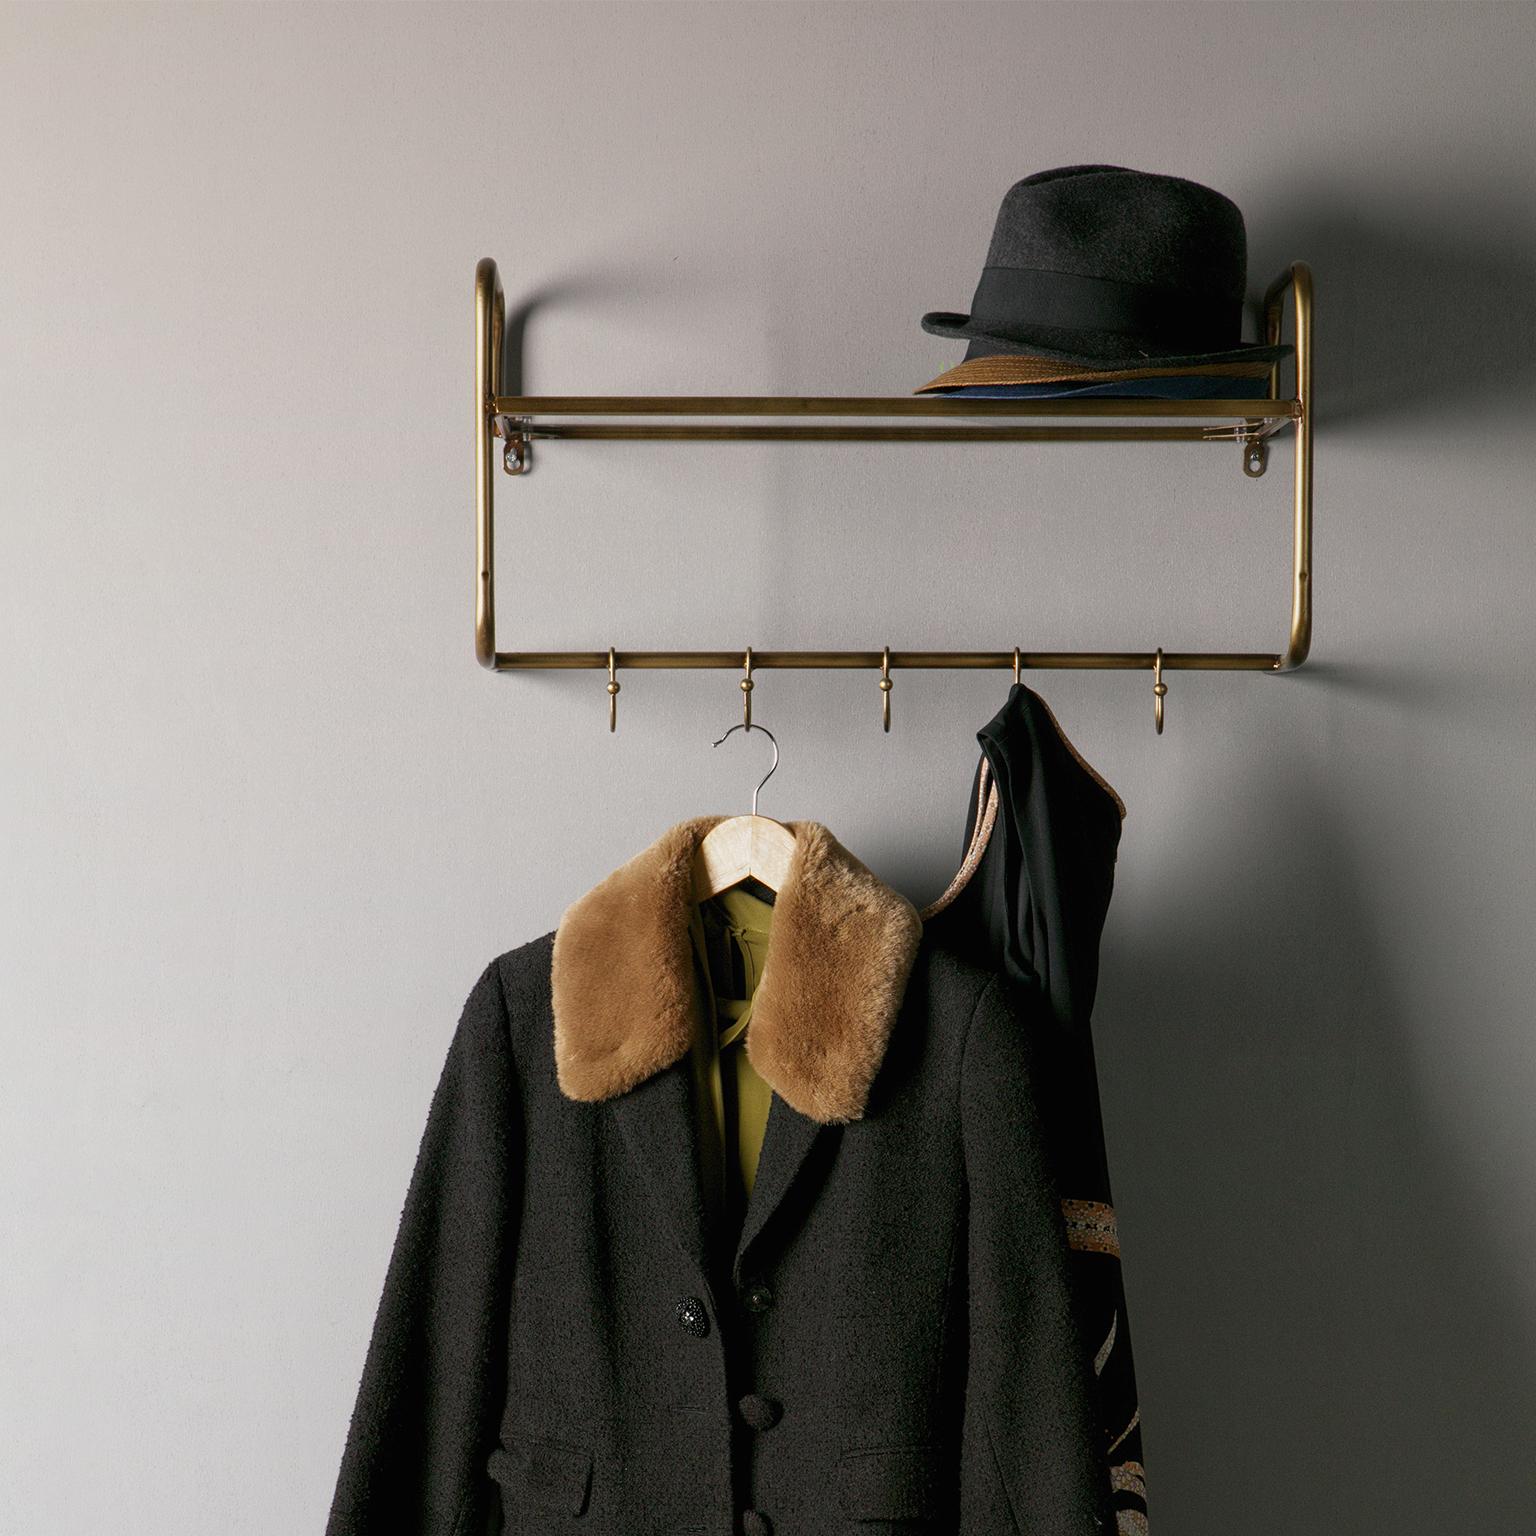 BePureHome Kapstok 'Hatstand', Antique Brass Woonaccessoires | Kapstokken kopen